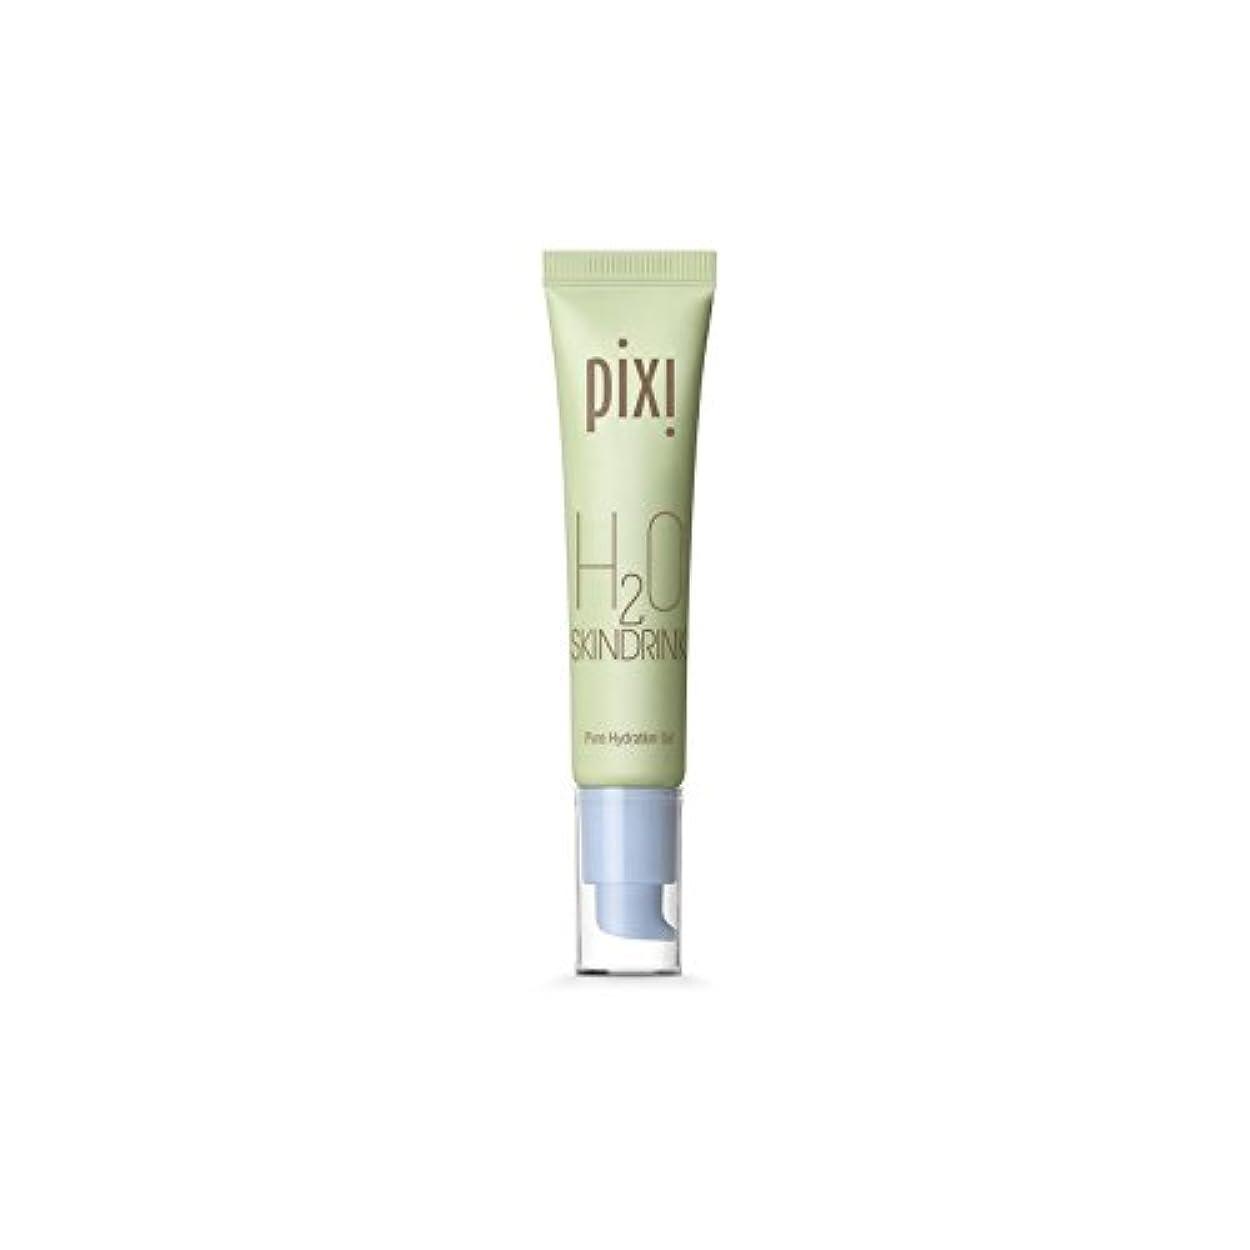 バング敵対的祈りPixi H20 Skin Drink (Pack of 6) - 20スキンドリンク x6 [並行輸入品]